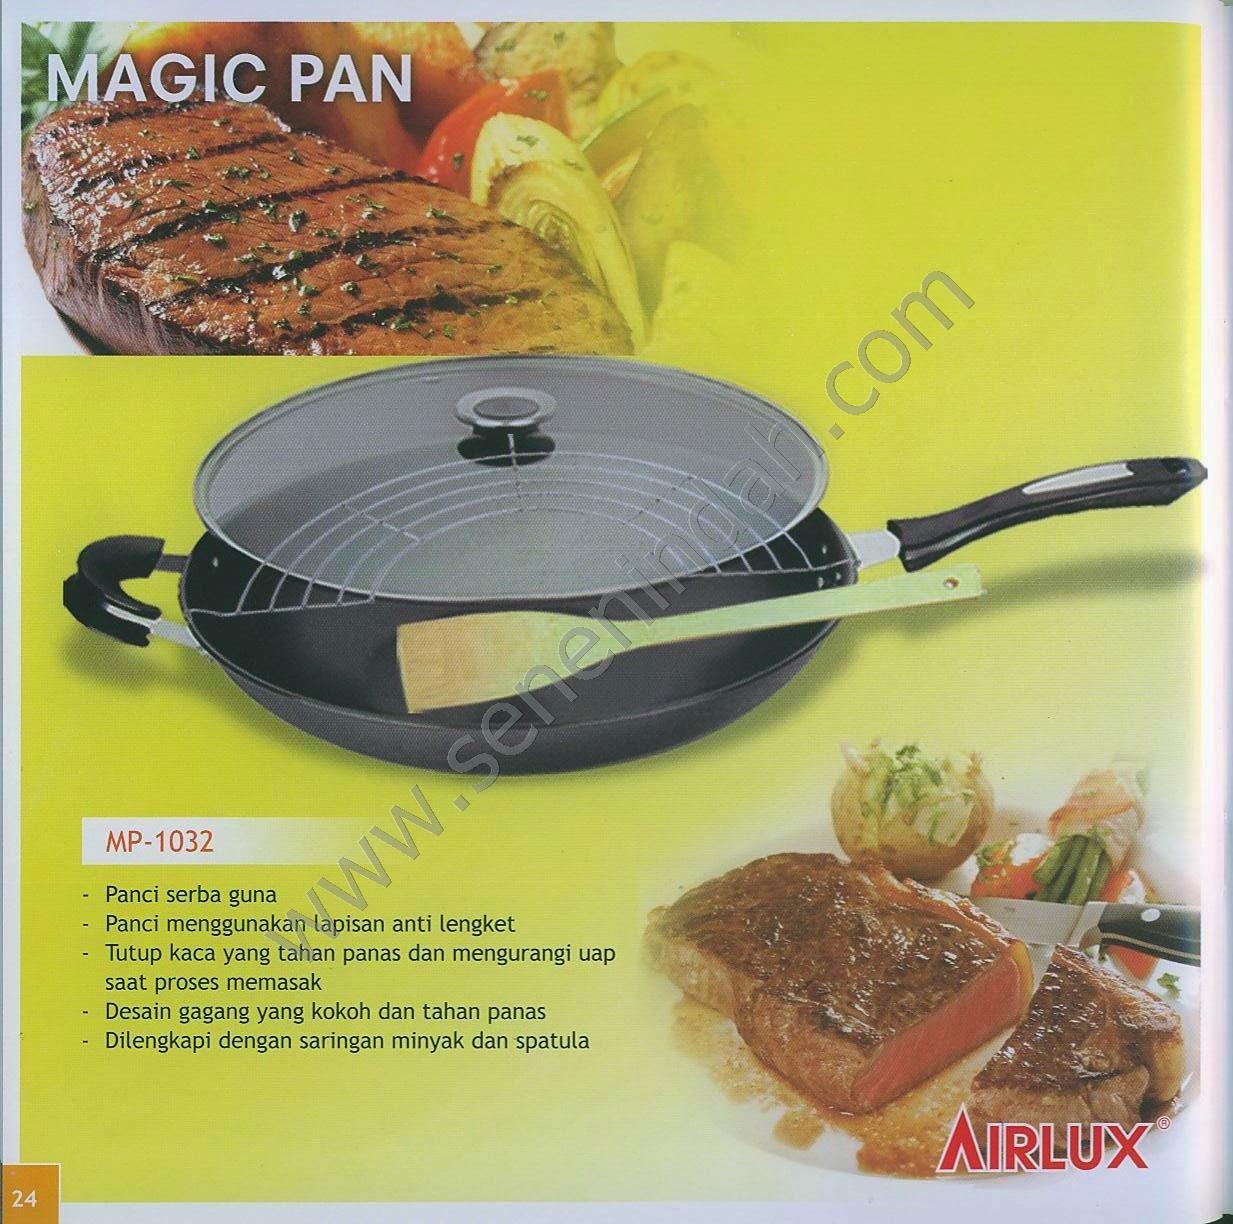 Airlux Magic Pan Mp 1032 Aluminium Black Daftar Harga Terbaik Carbon Steel Cookware Bc 8105 Hijau Senen Indah